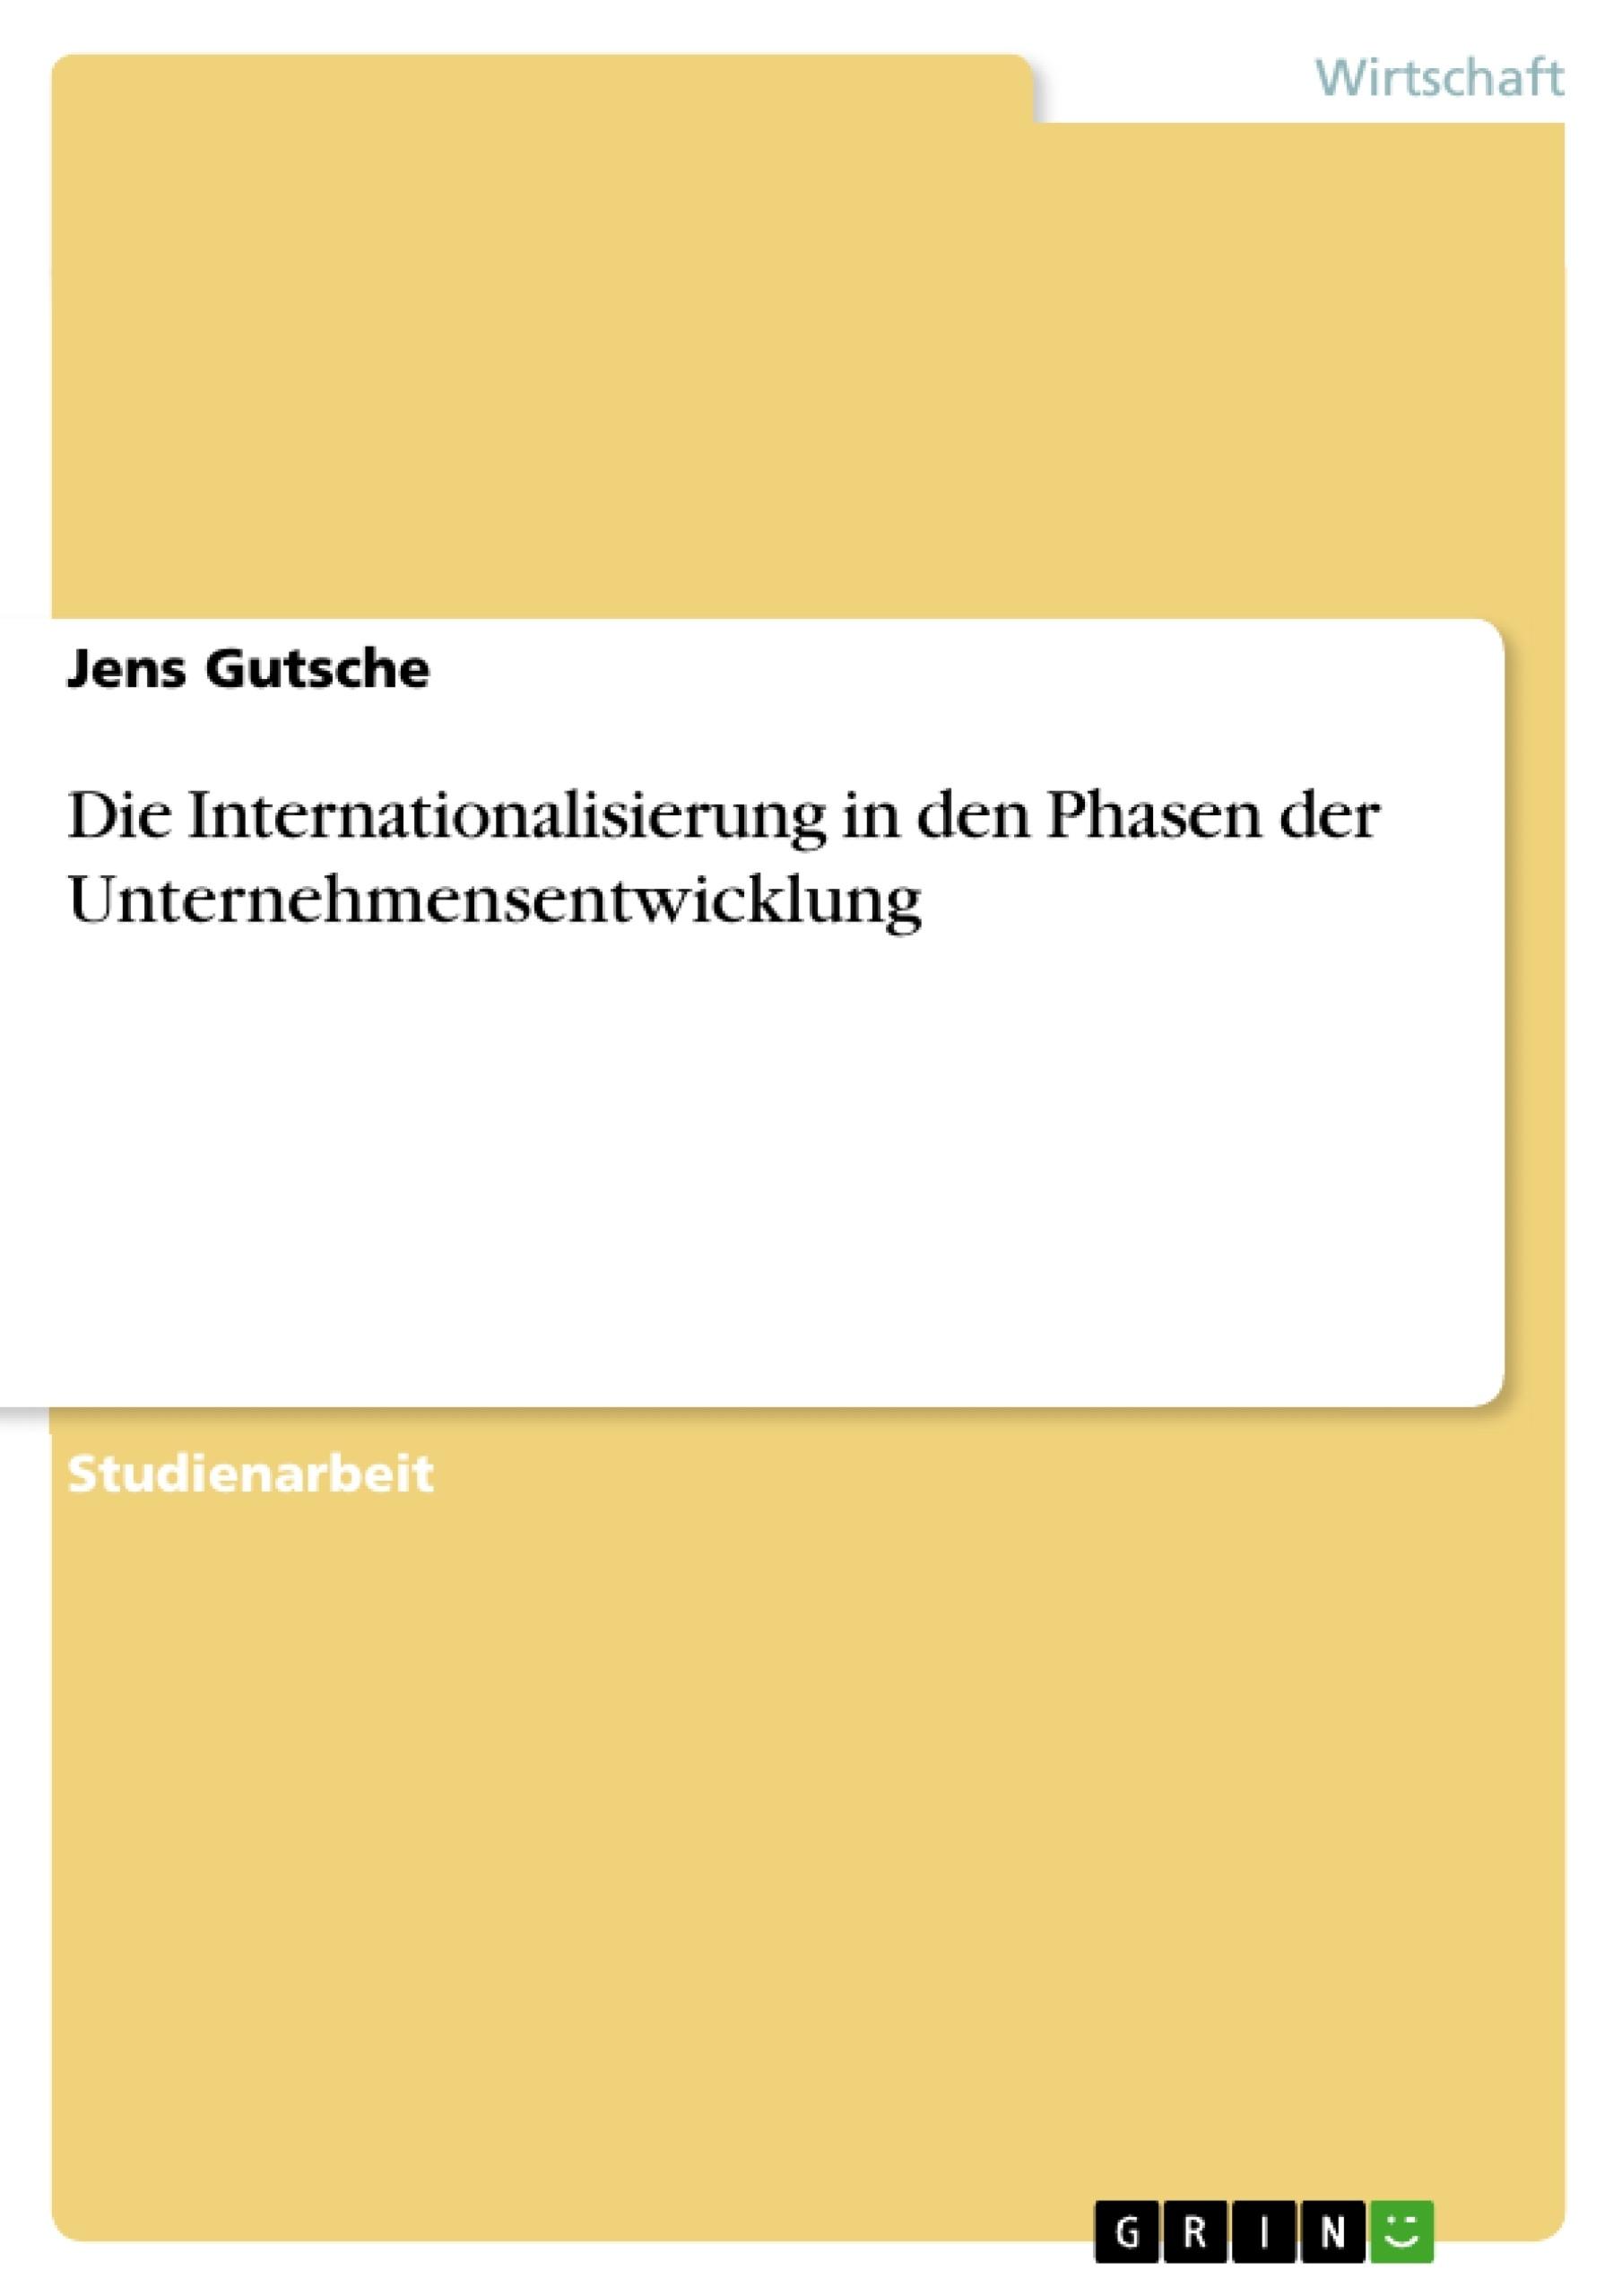 Titel: Die Internationalisierung in den Phasen der Unternehmensentwicklung